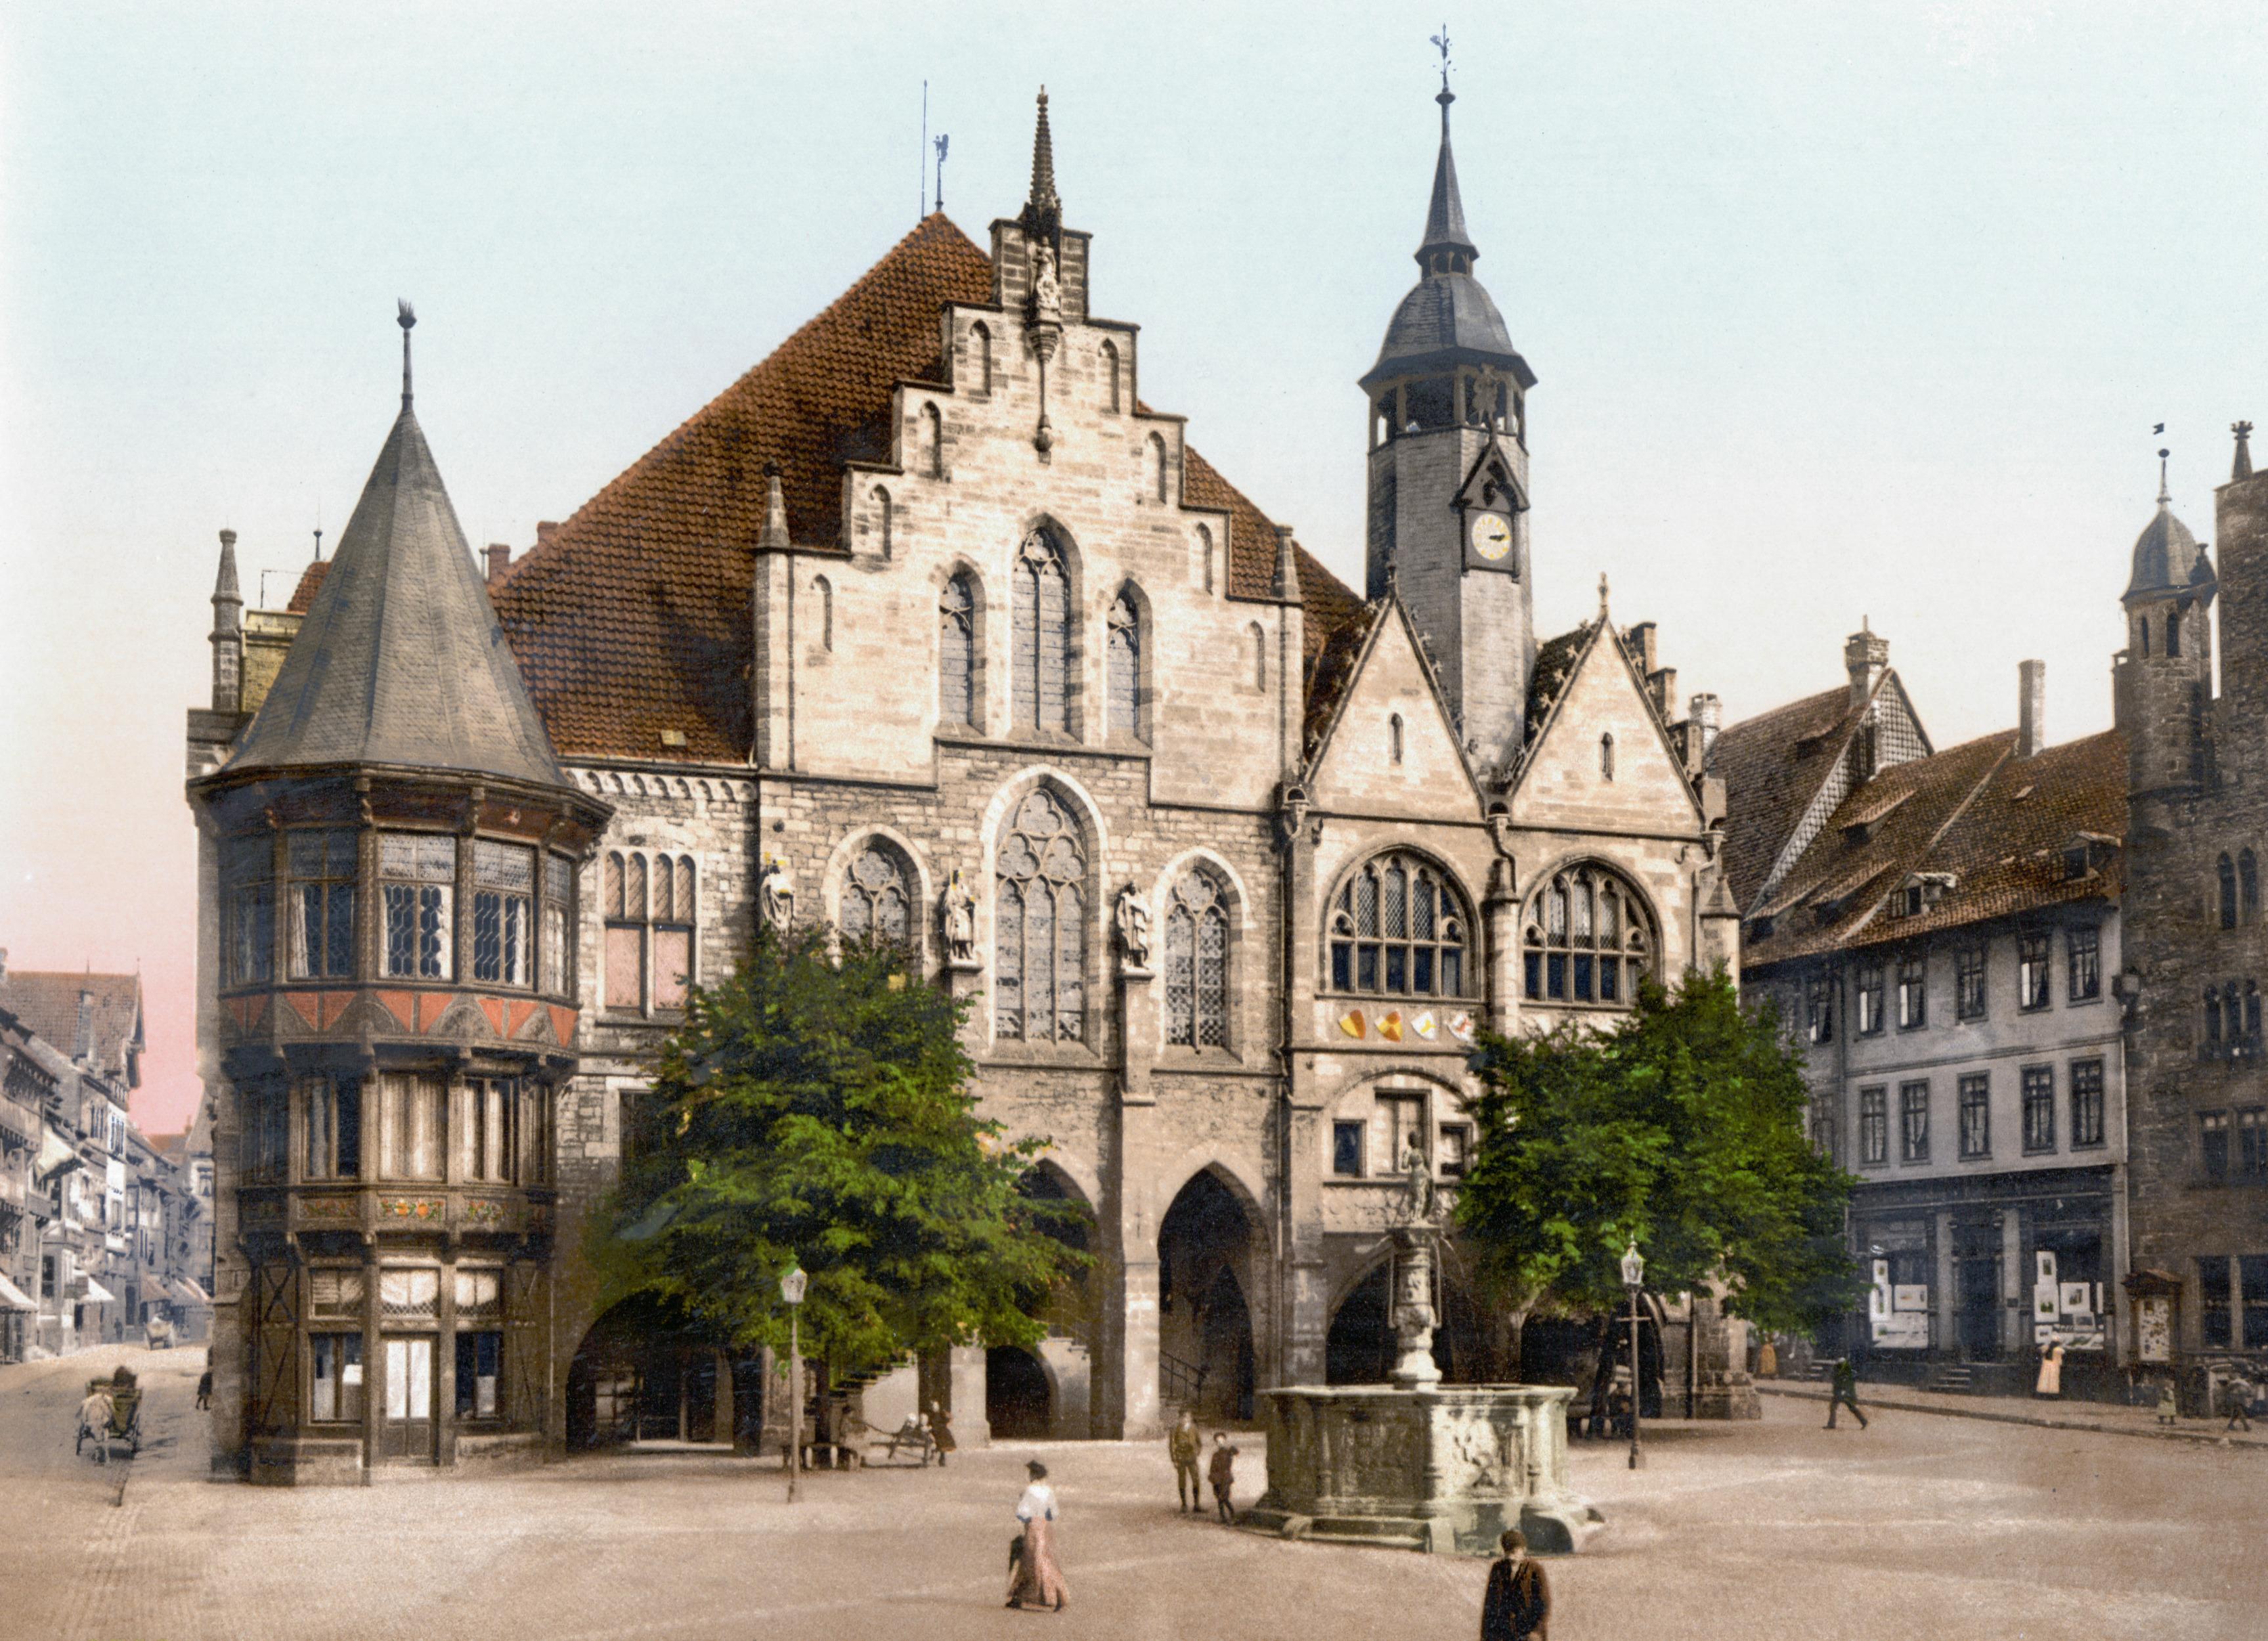 ... Hildesheim sucht nach unbekanntem Sexualstraftäter und Räuber | News